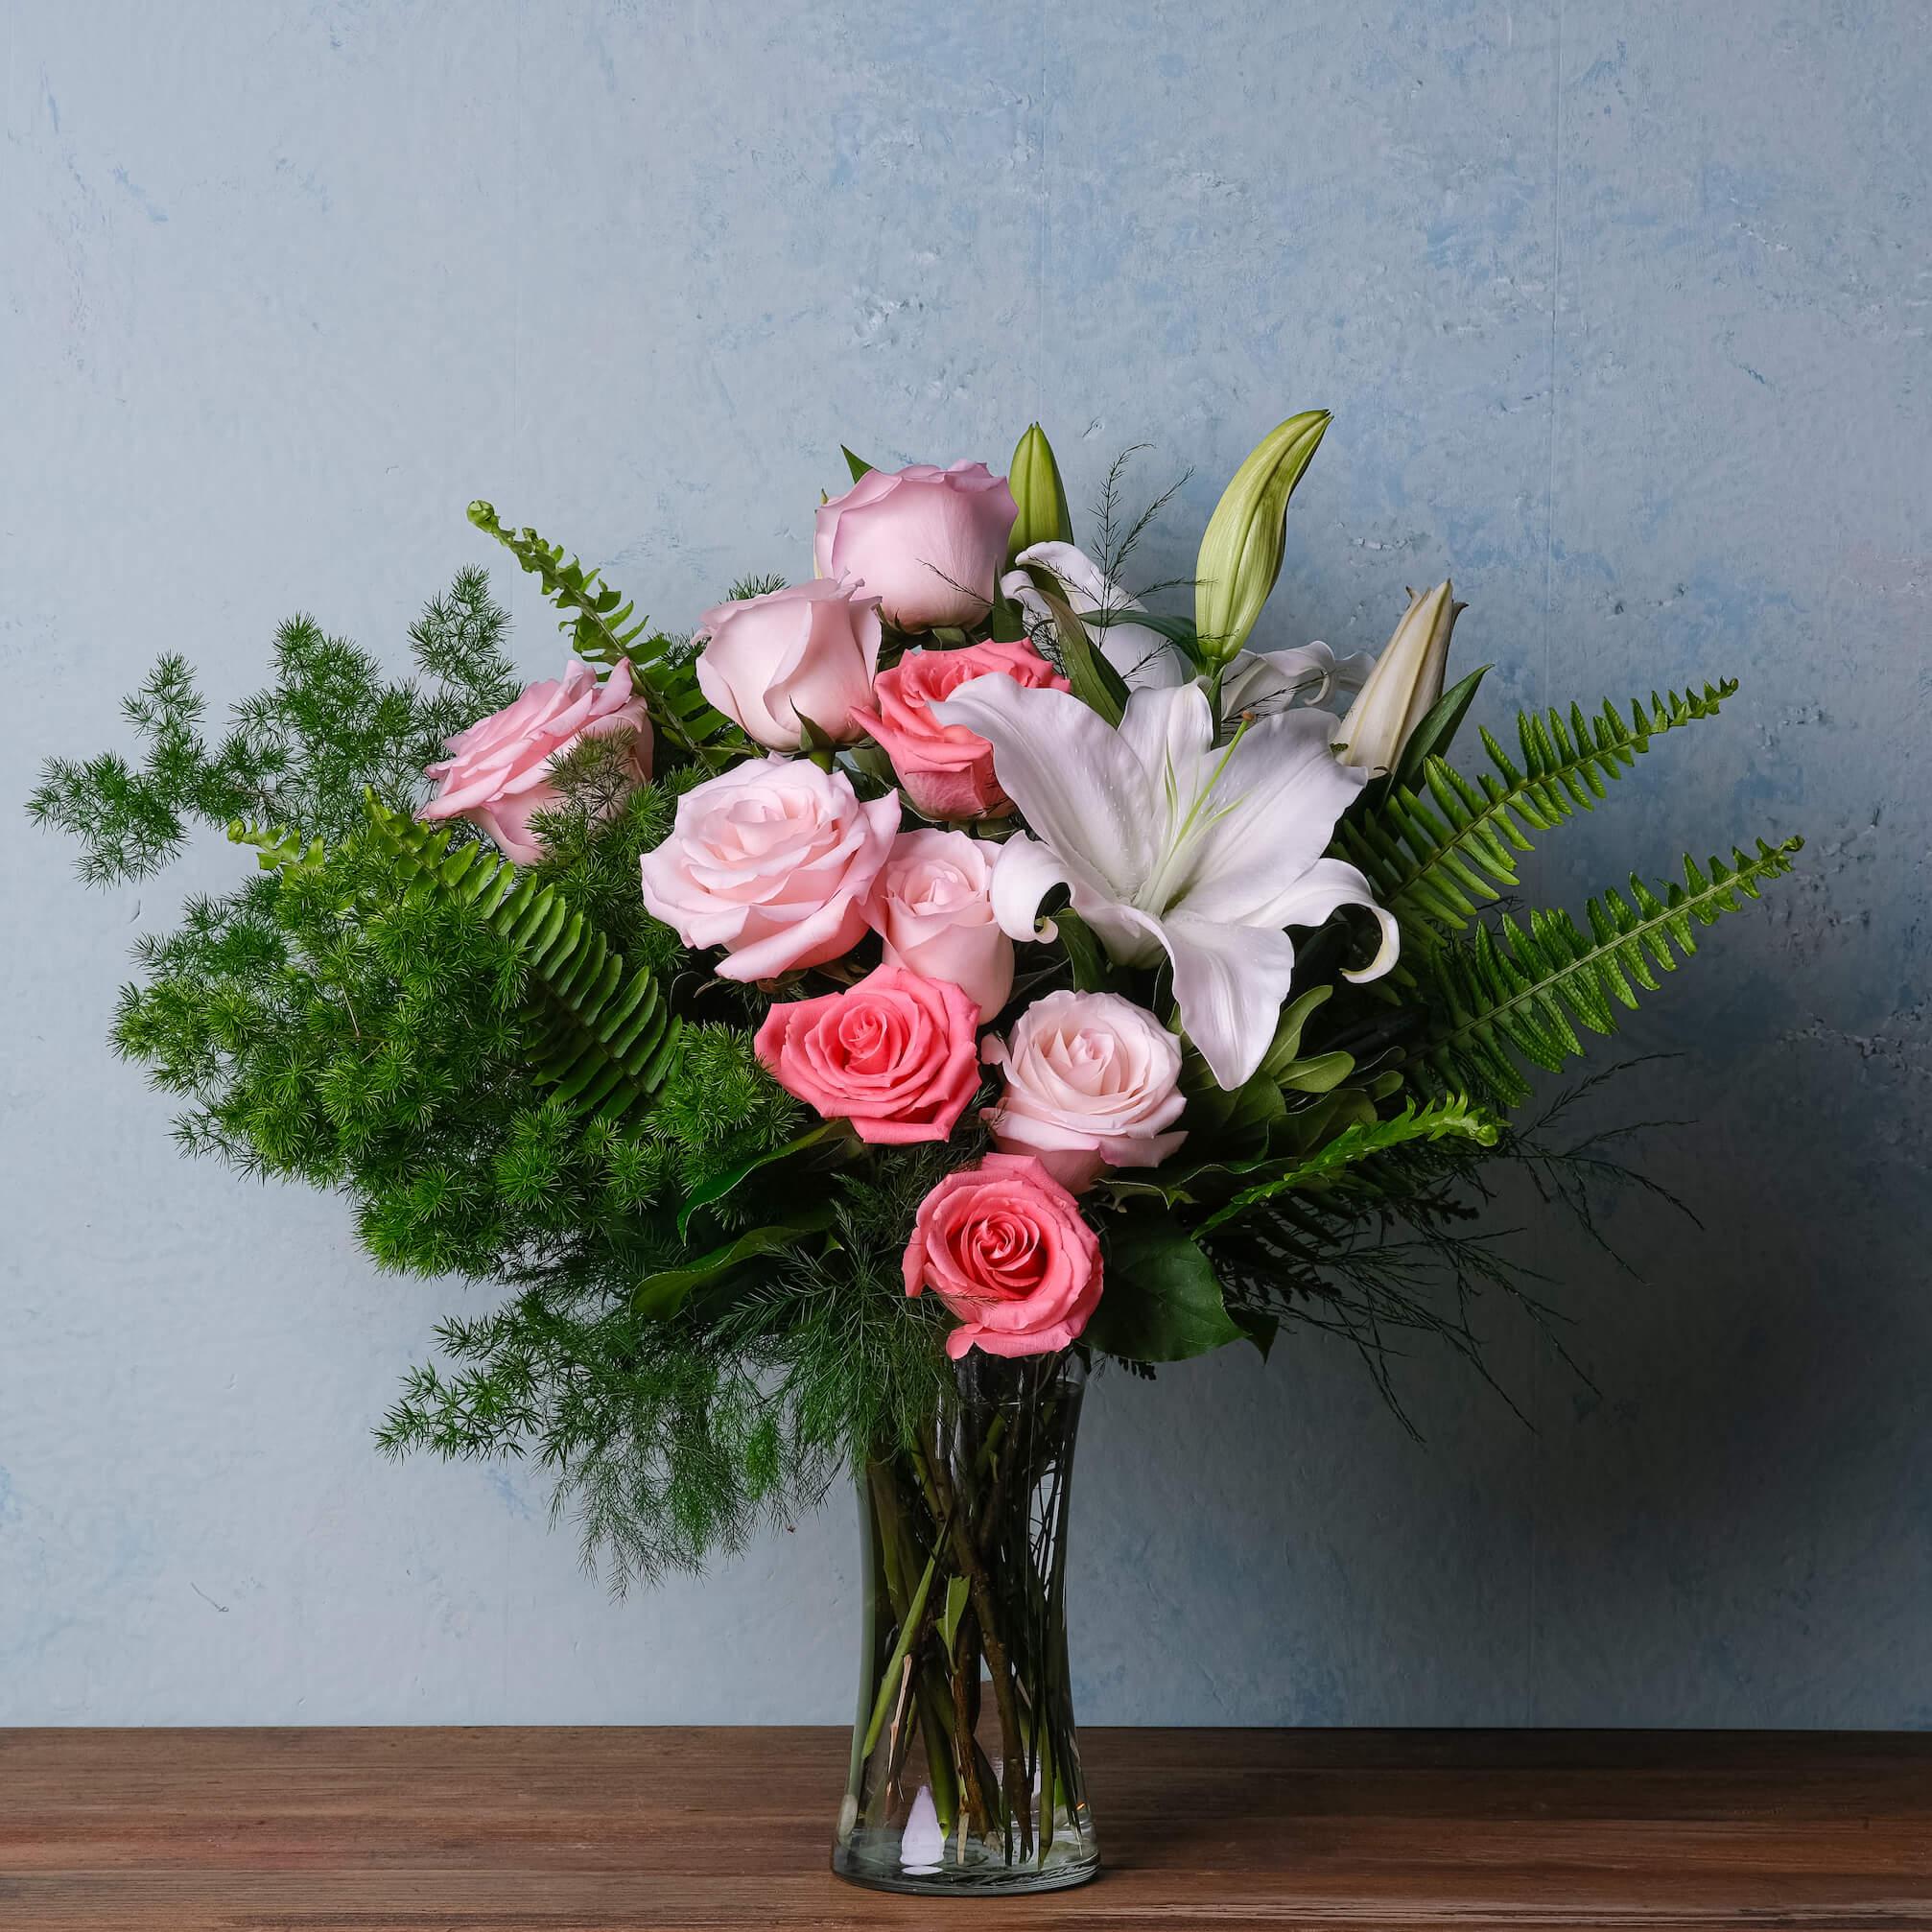 FG-MD5 Grace and Petals (3)